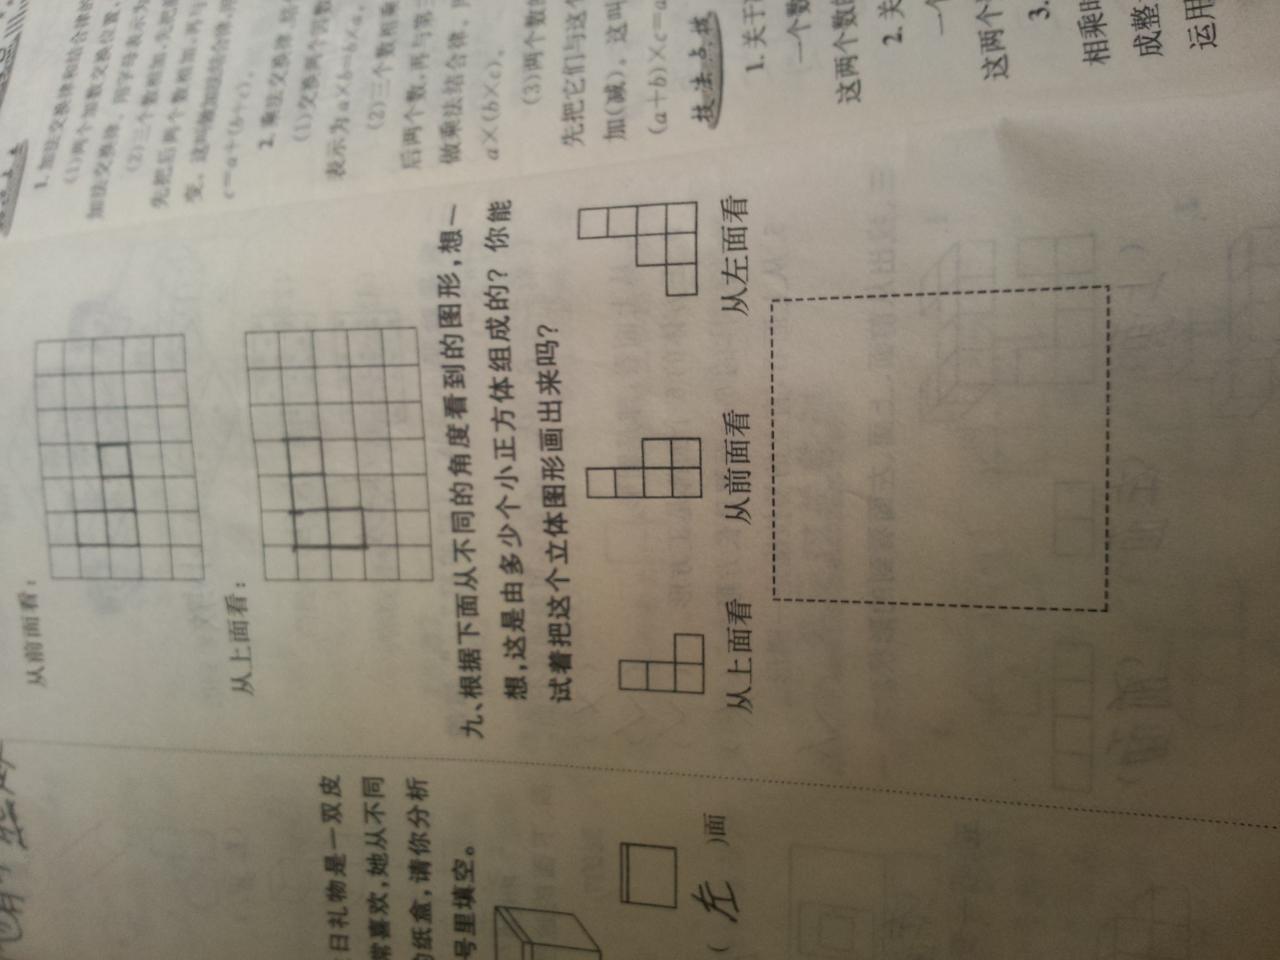 数学题几何立体图形图片